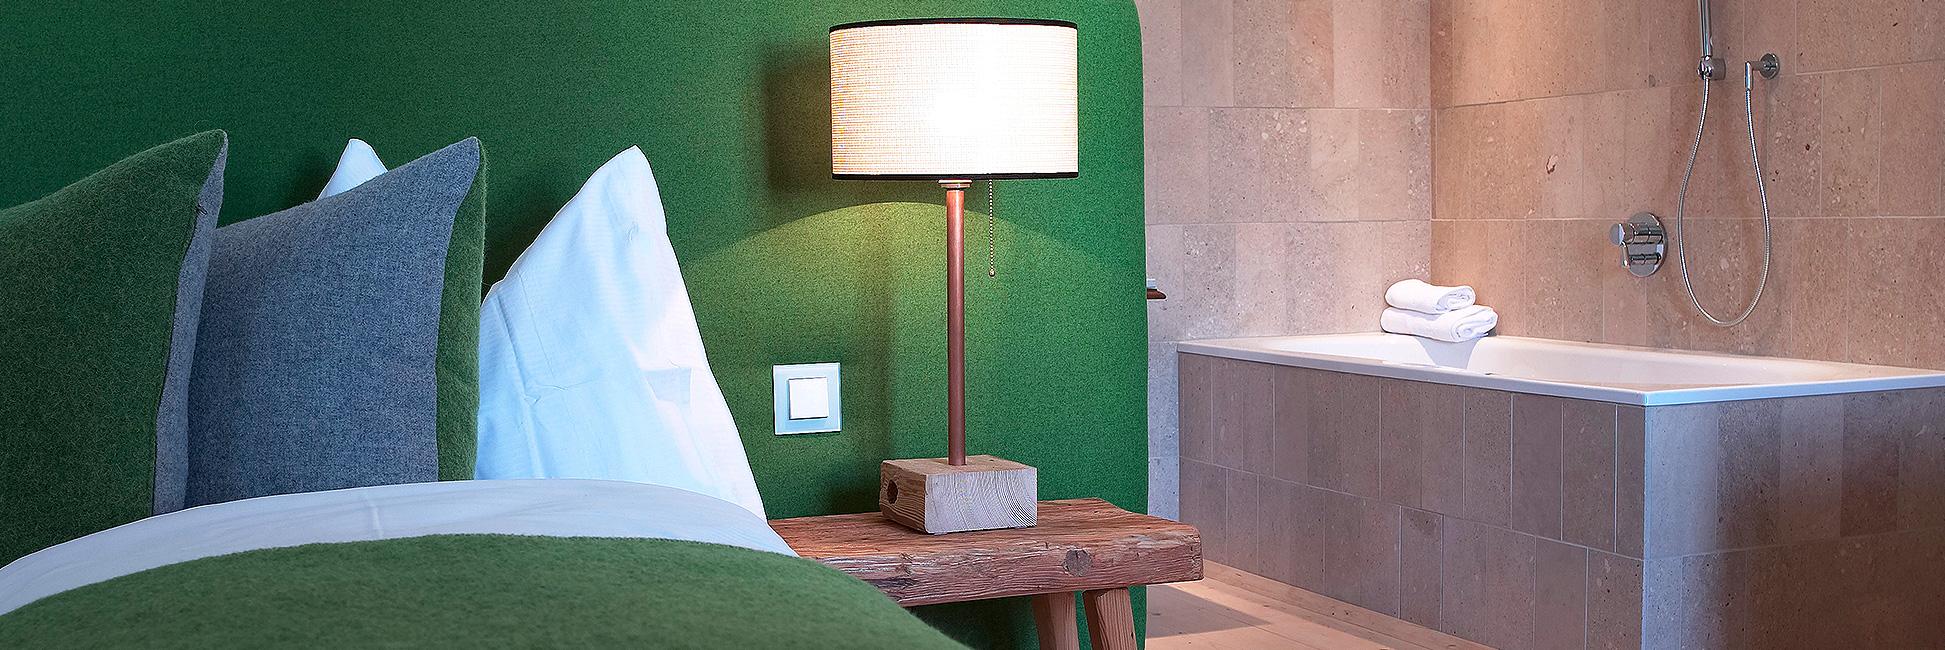 """Hotel Gasthof zur Post Zimmer Ambiente """"Post-Geschichten"""""""